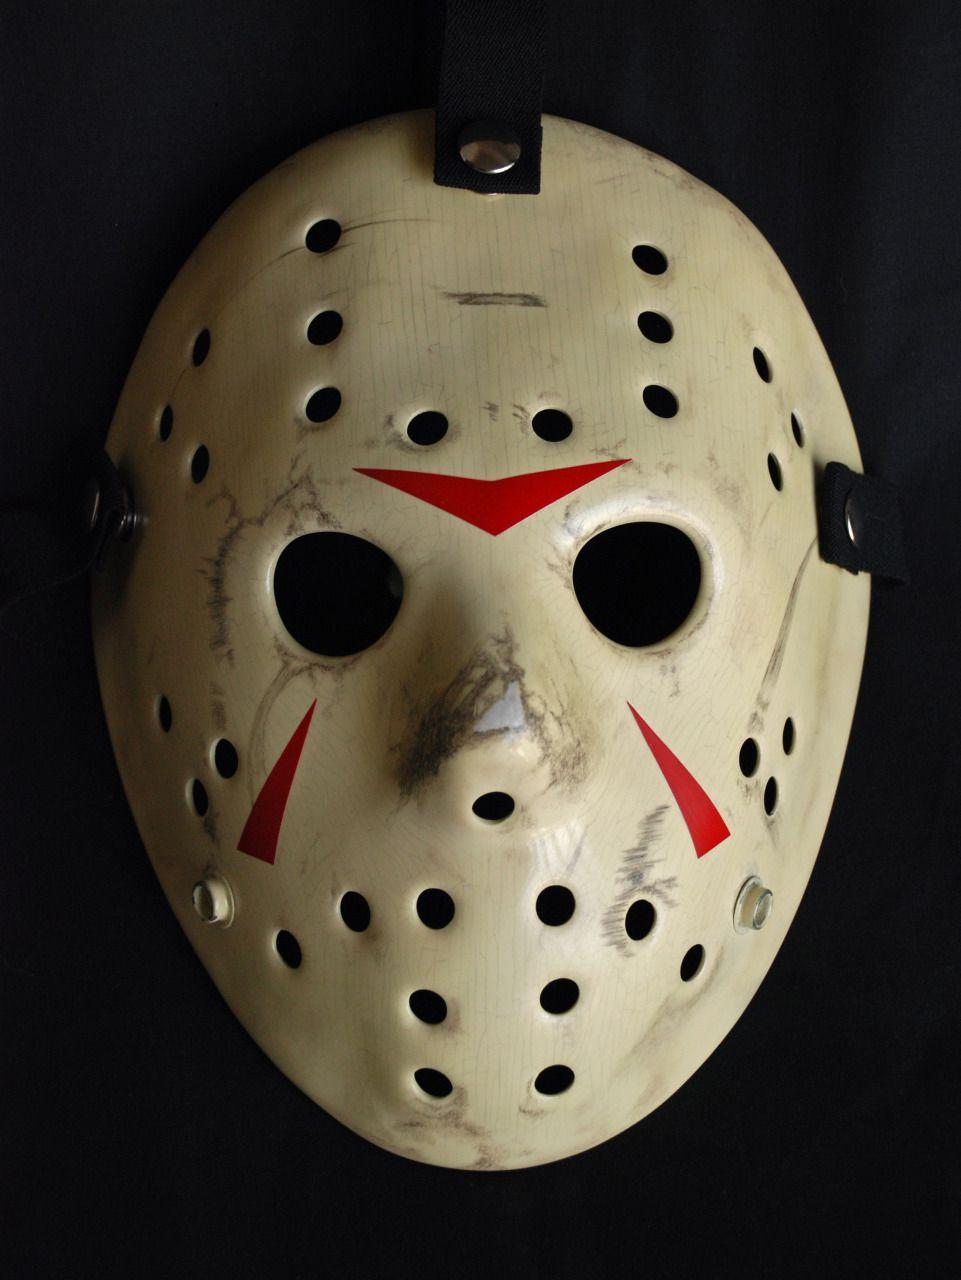 Old fashioned hockey mask